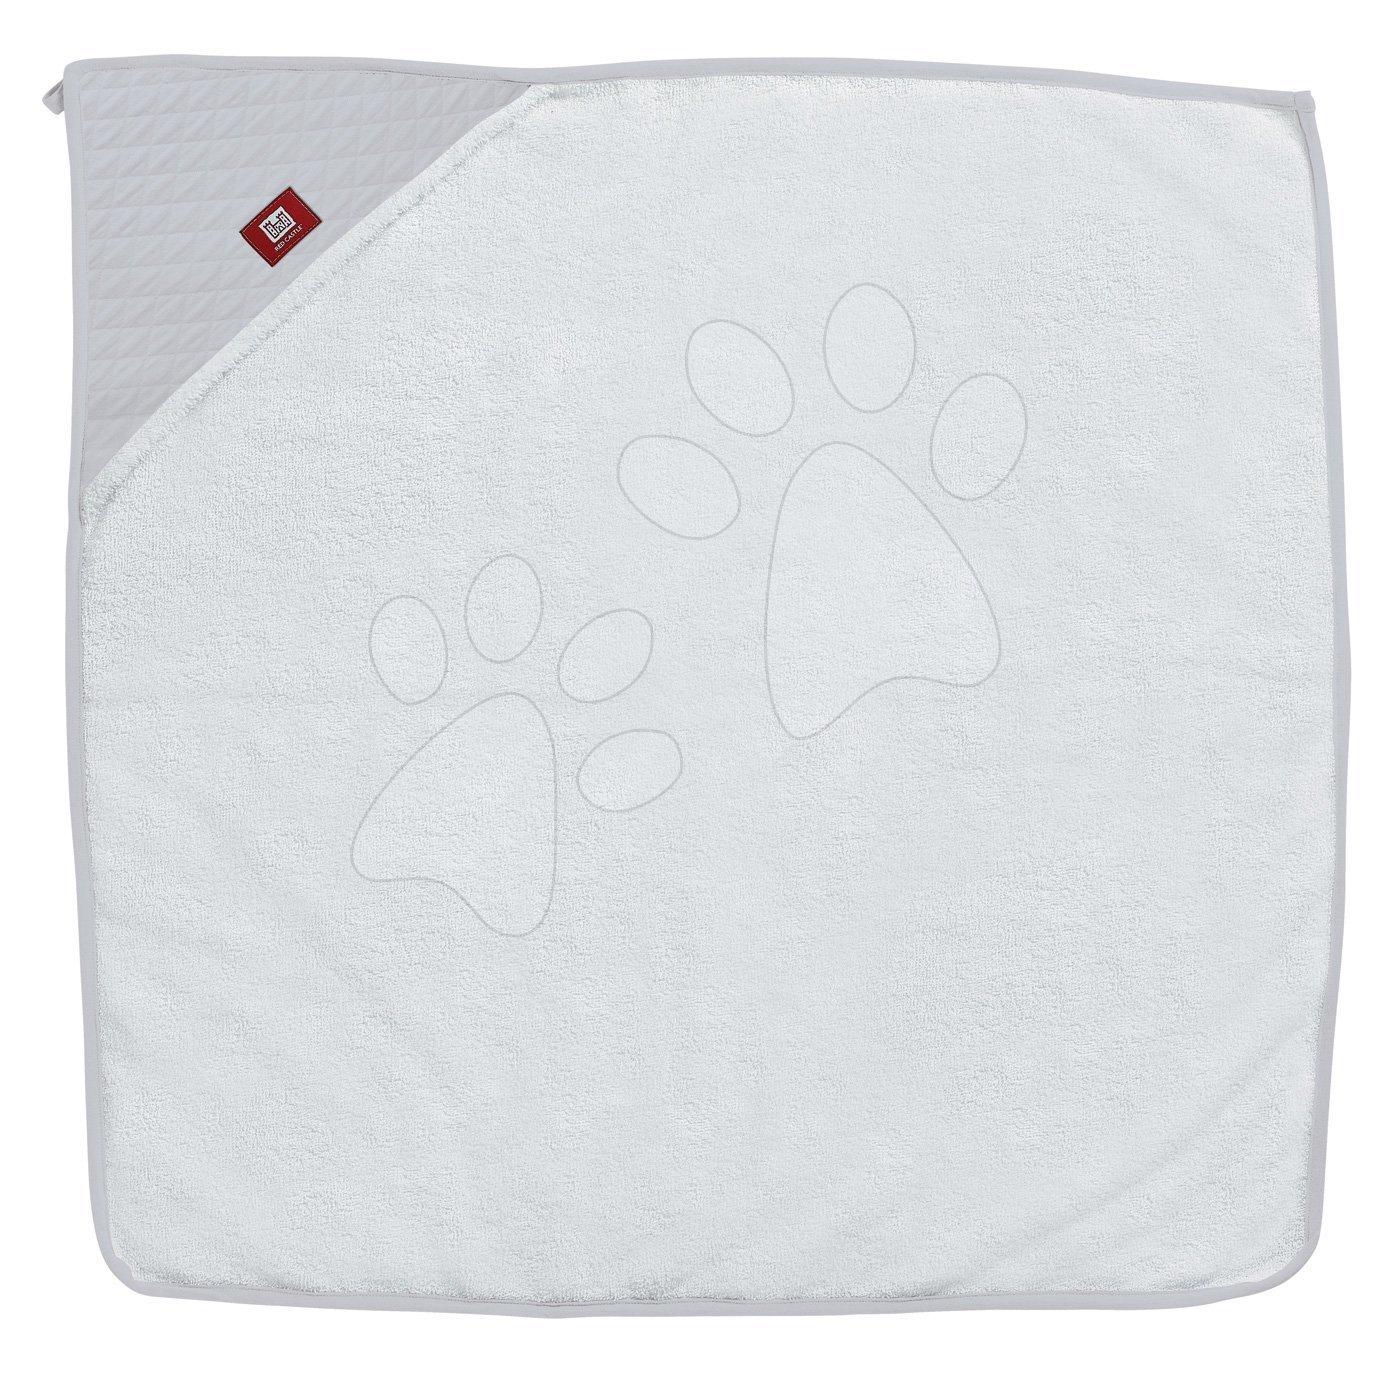 Kojenecká osuška s kapucí Dreamy Cloud Fleur de Coton® Red Castle 100x100 cm šedá od 0 měsíců